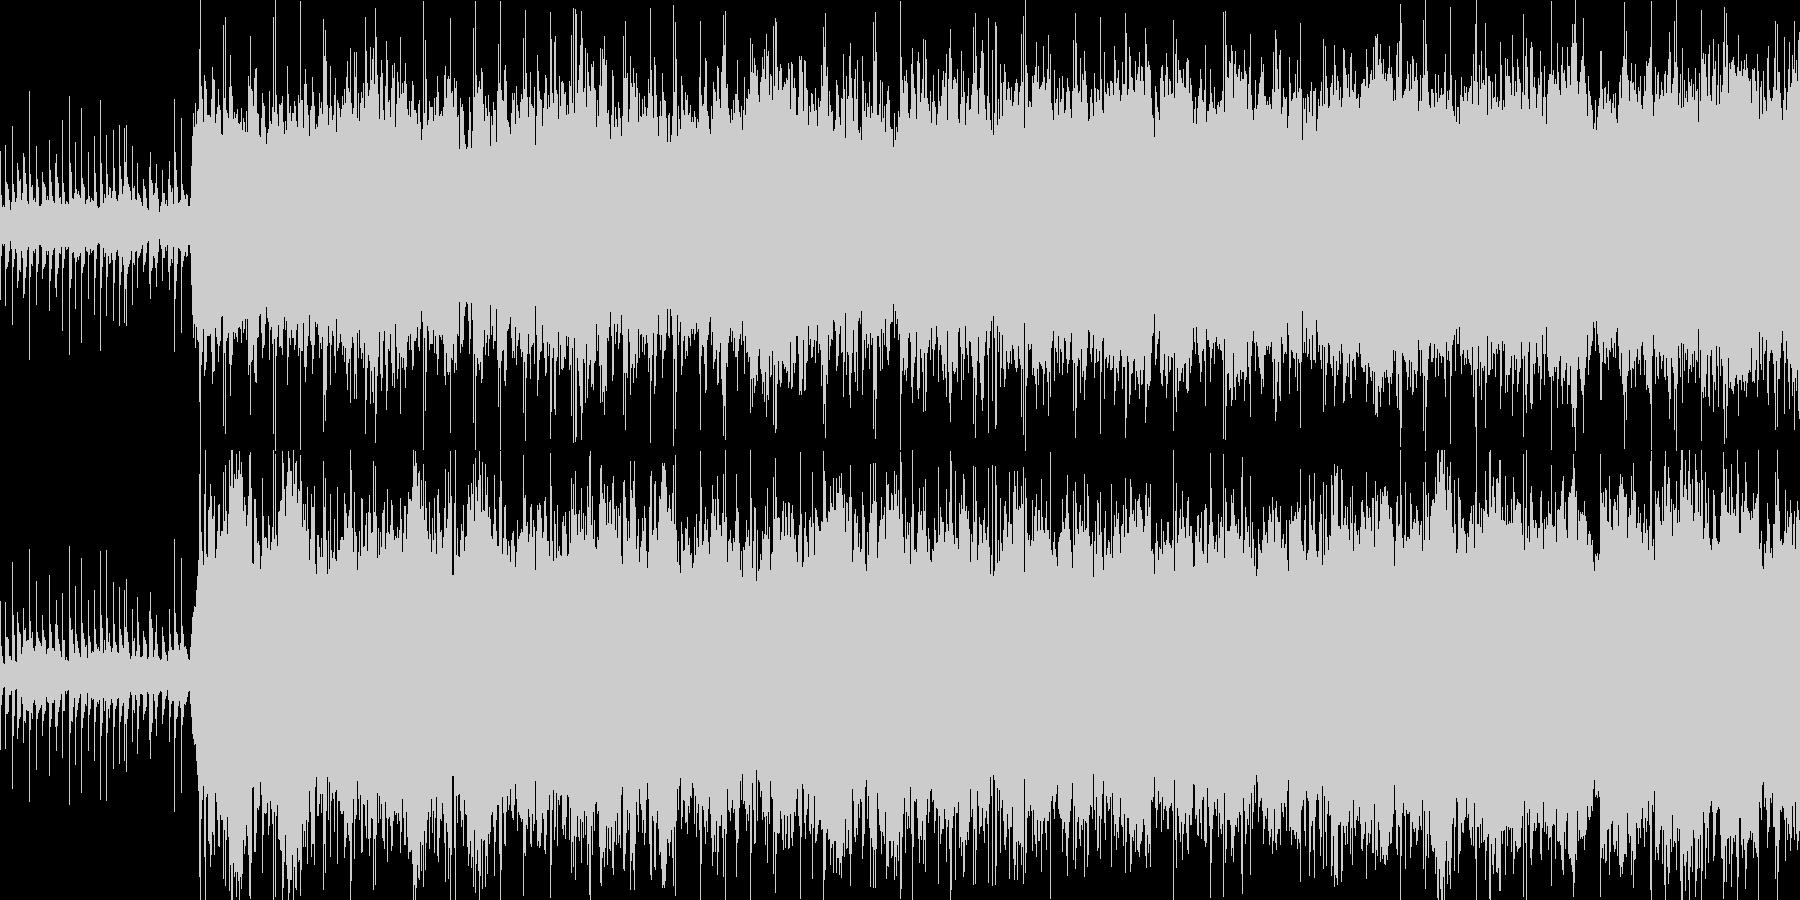 感動的な雰囲気のシンプルなエレクトロニカの未再生の波形